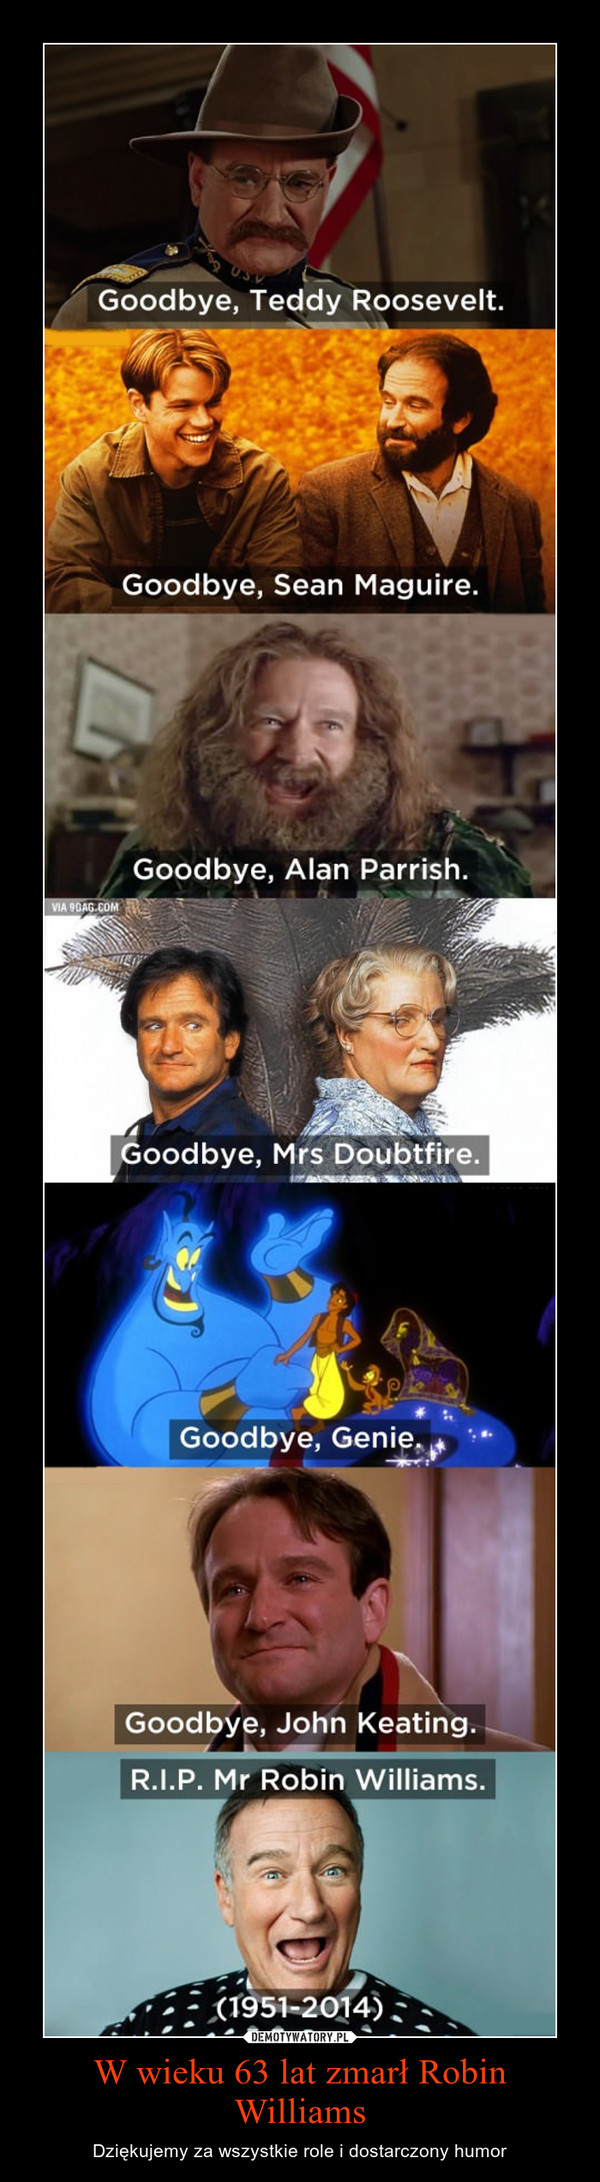 W wieku 63 lat zmarł Robin Williams – Dziękujemy za wszystkie role i dostarczony humor